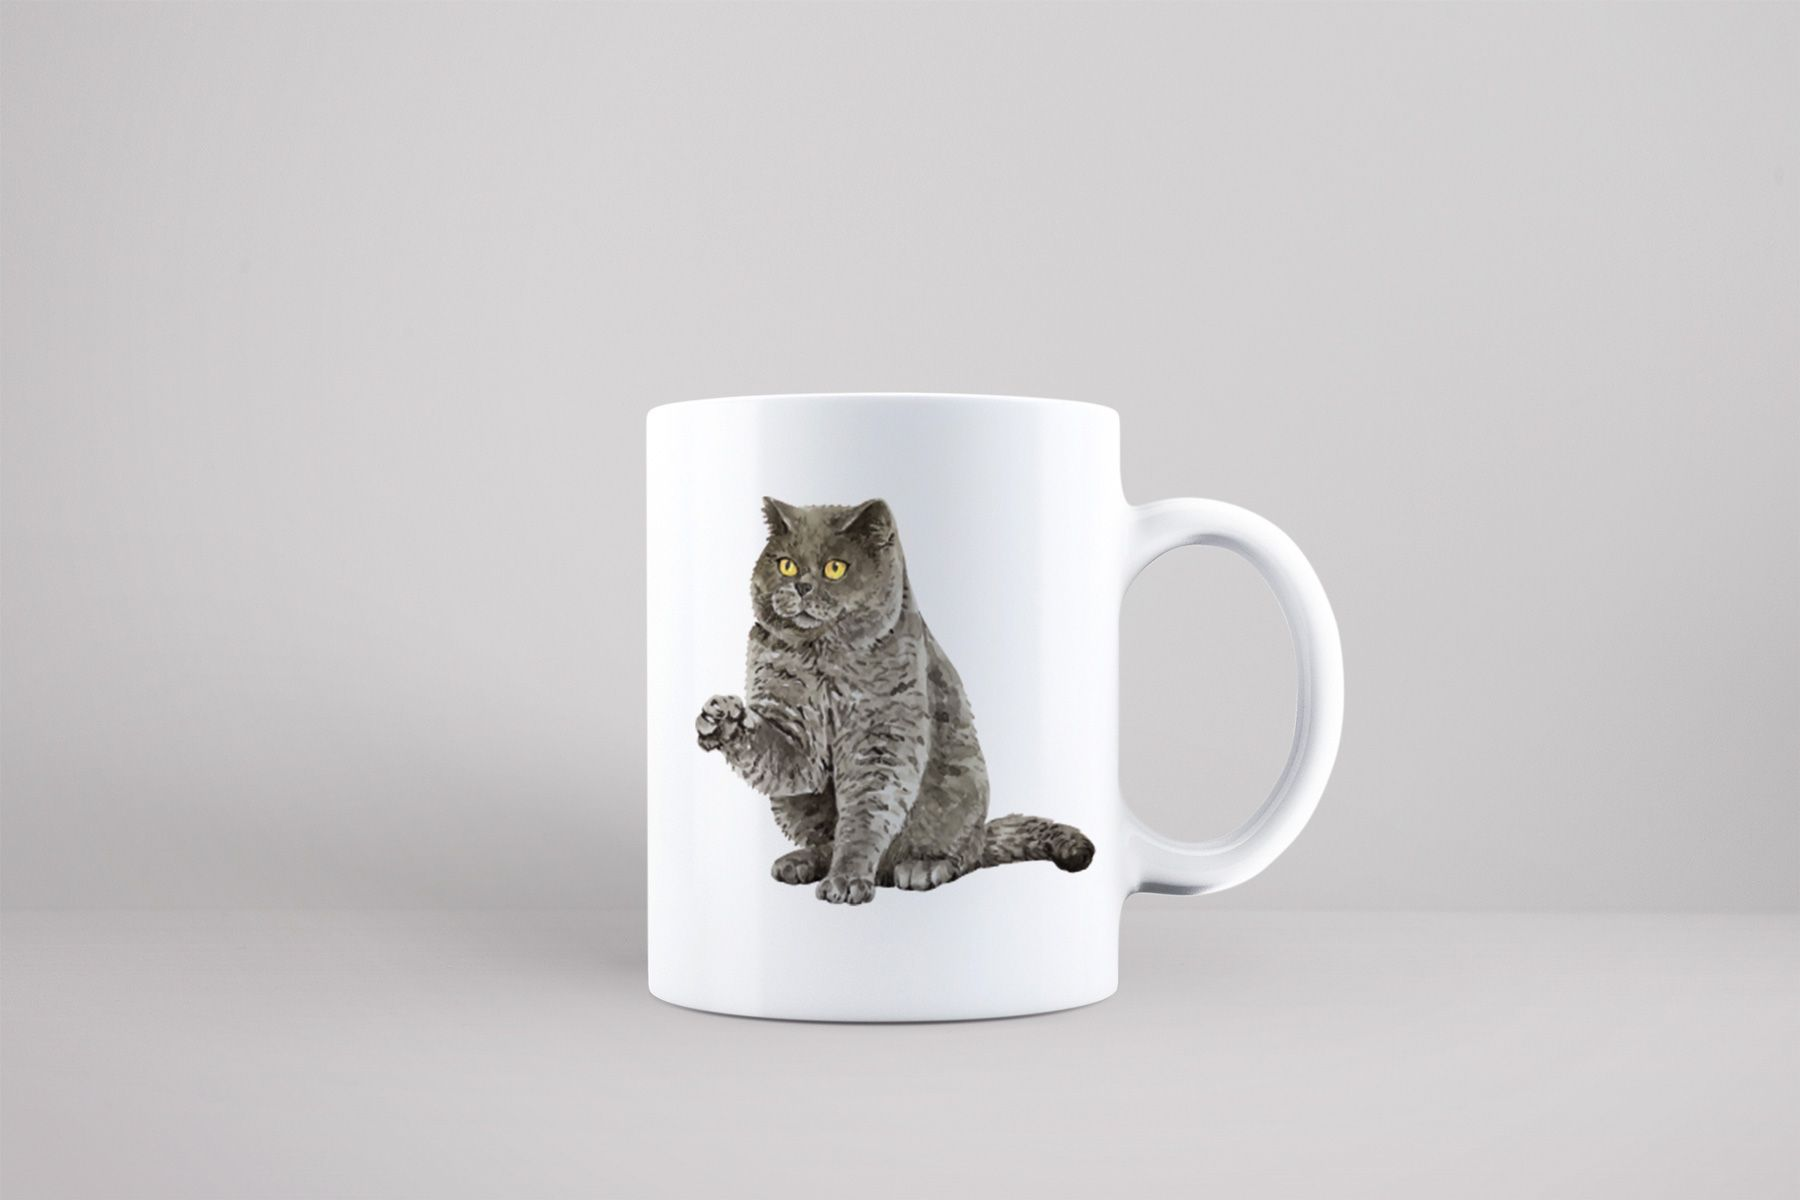 Bílý keramický hrnek s kočkouBritská krátkosrstá kočka v Brně